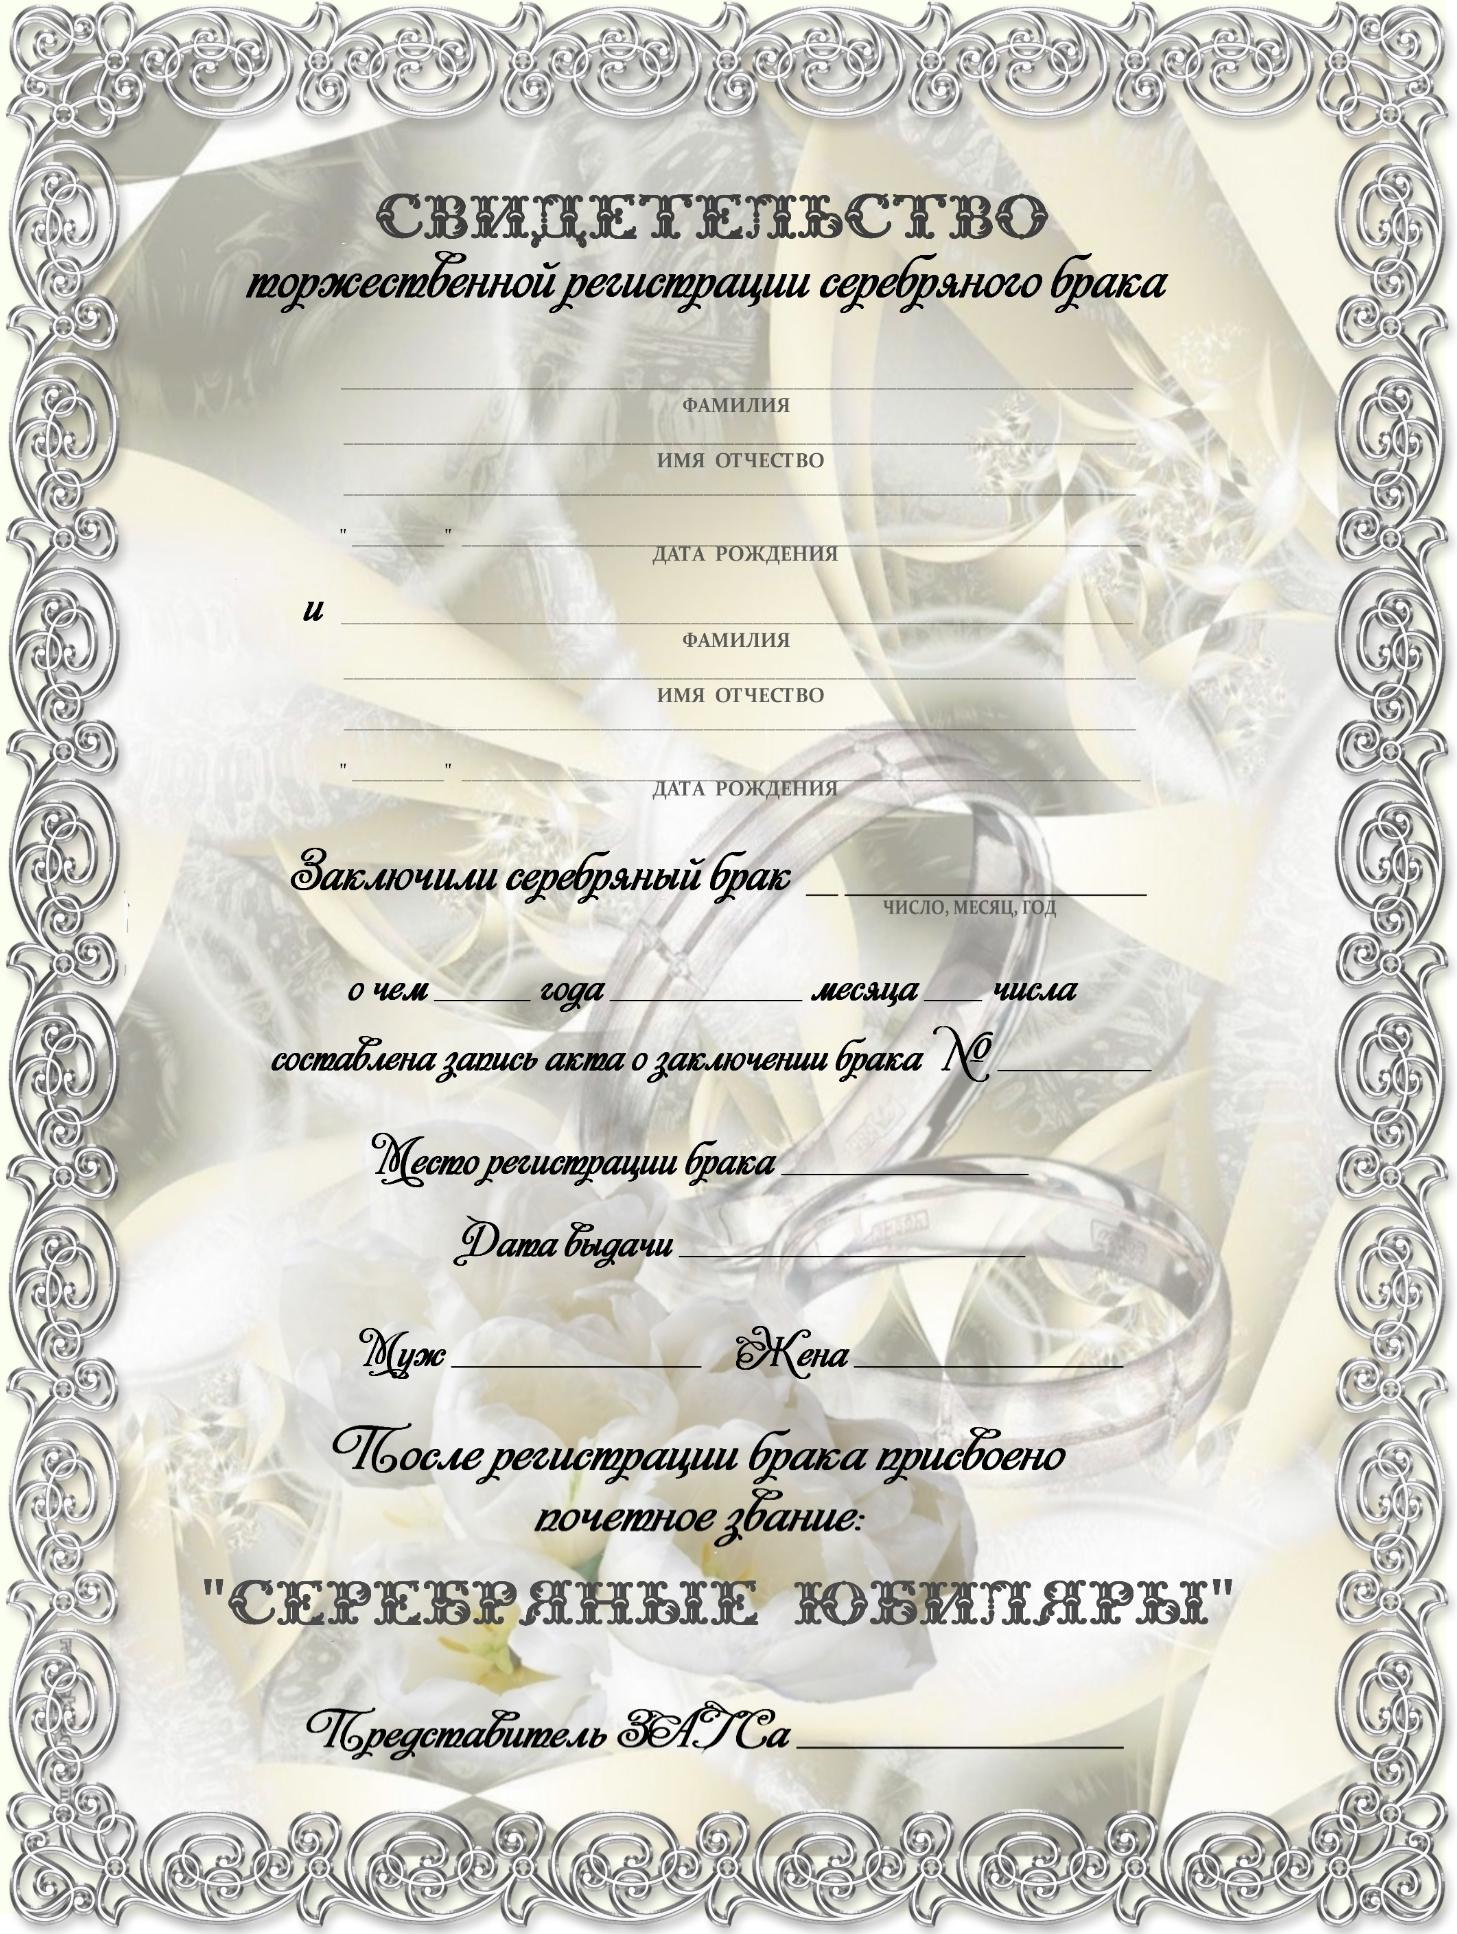 Печать грамот и дипломов для серебрянной свадьбы 25 лет в Москве | фото 5